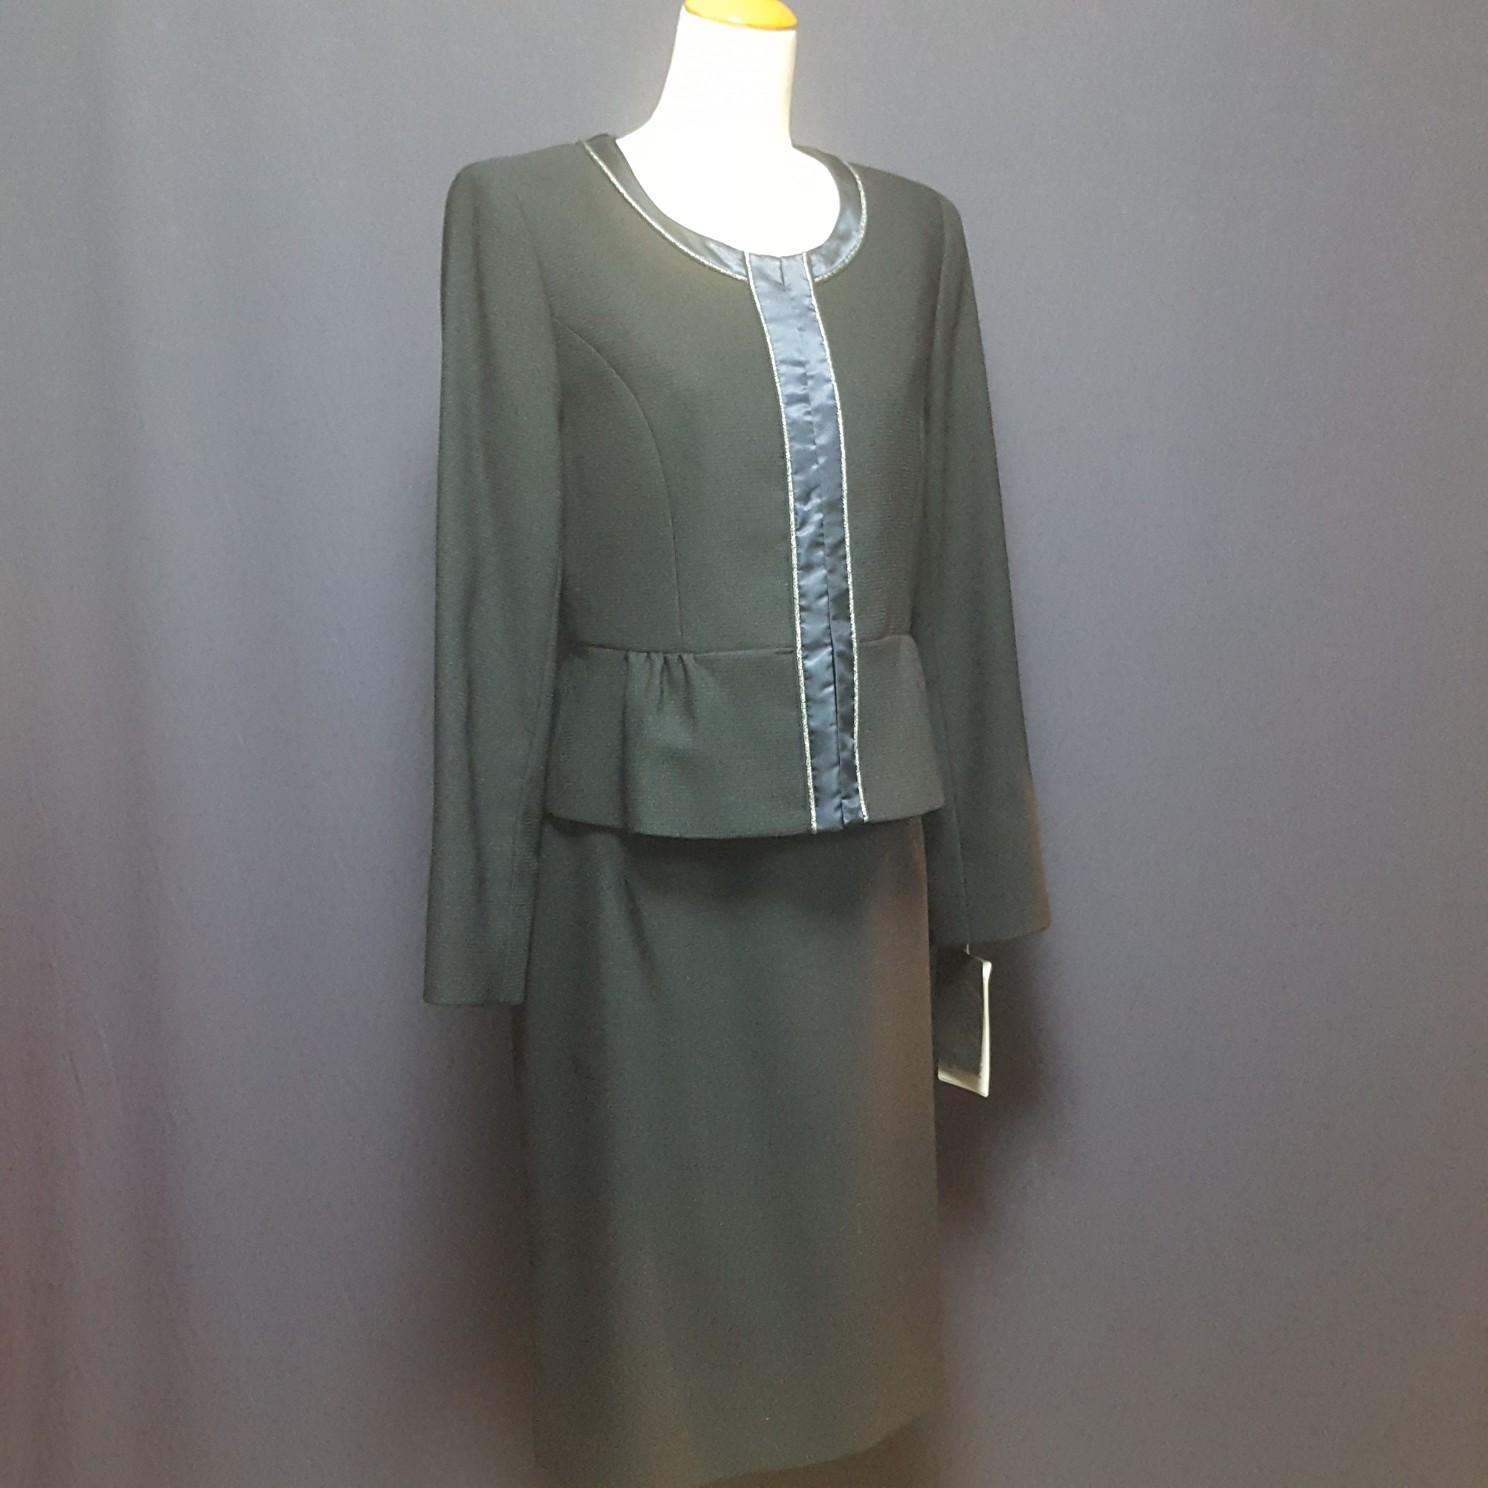 スーツ (スカート) [スーツ]◆ レディース / ミセスファッション ◆ 《 405ミセス 》 ◆ 春・夏・物 ◆